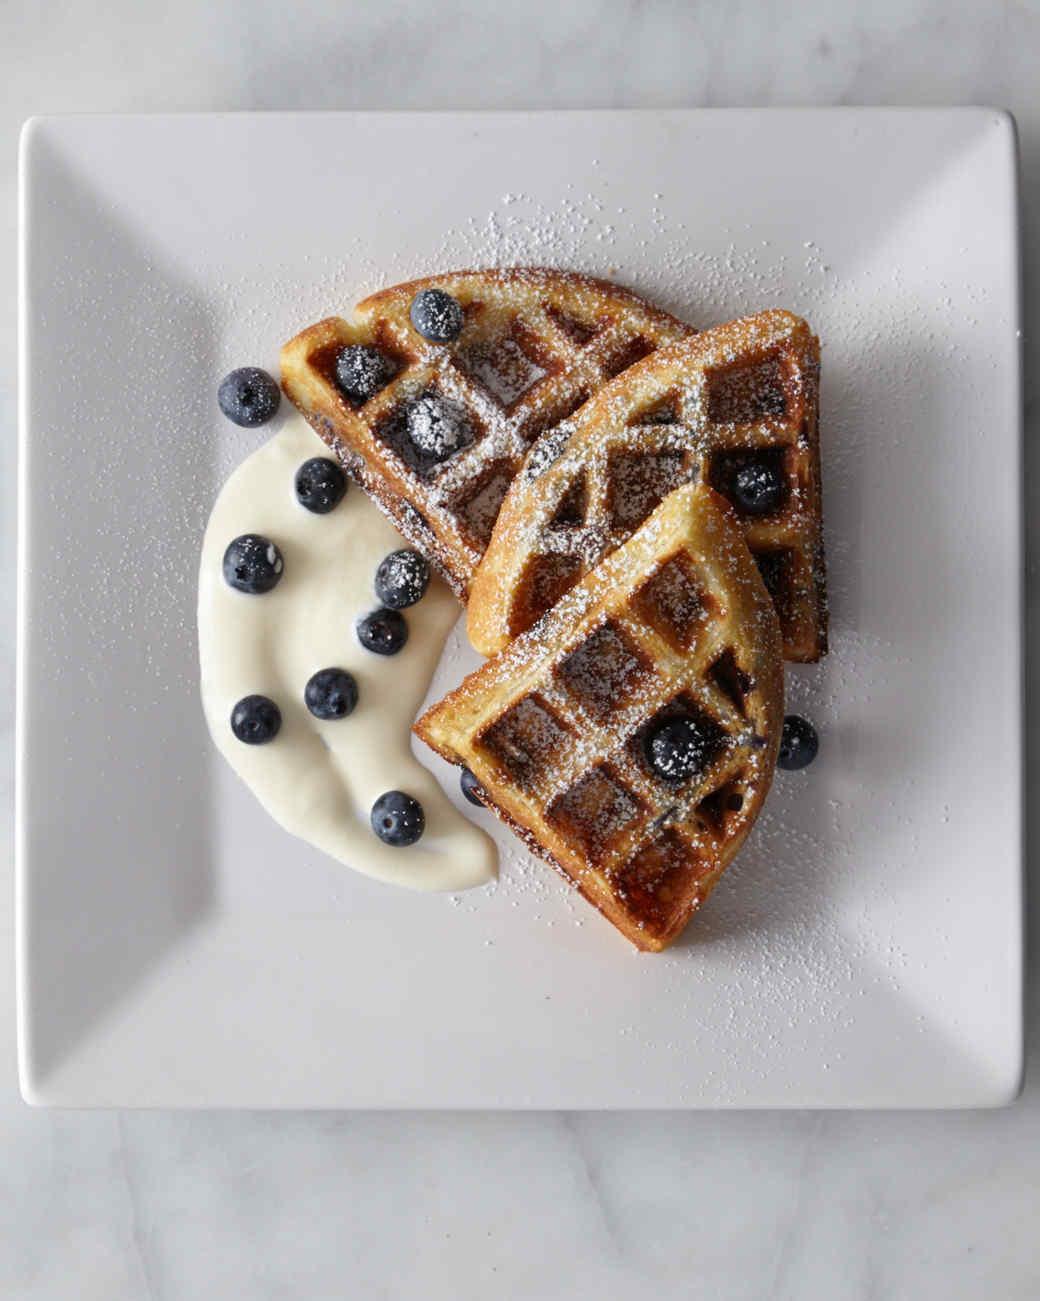 blue-berry-waffles-0511-d112420.jpg